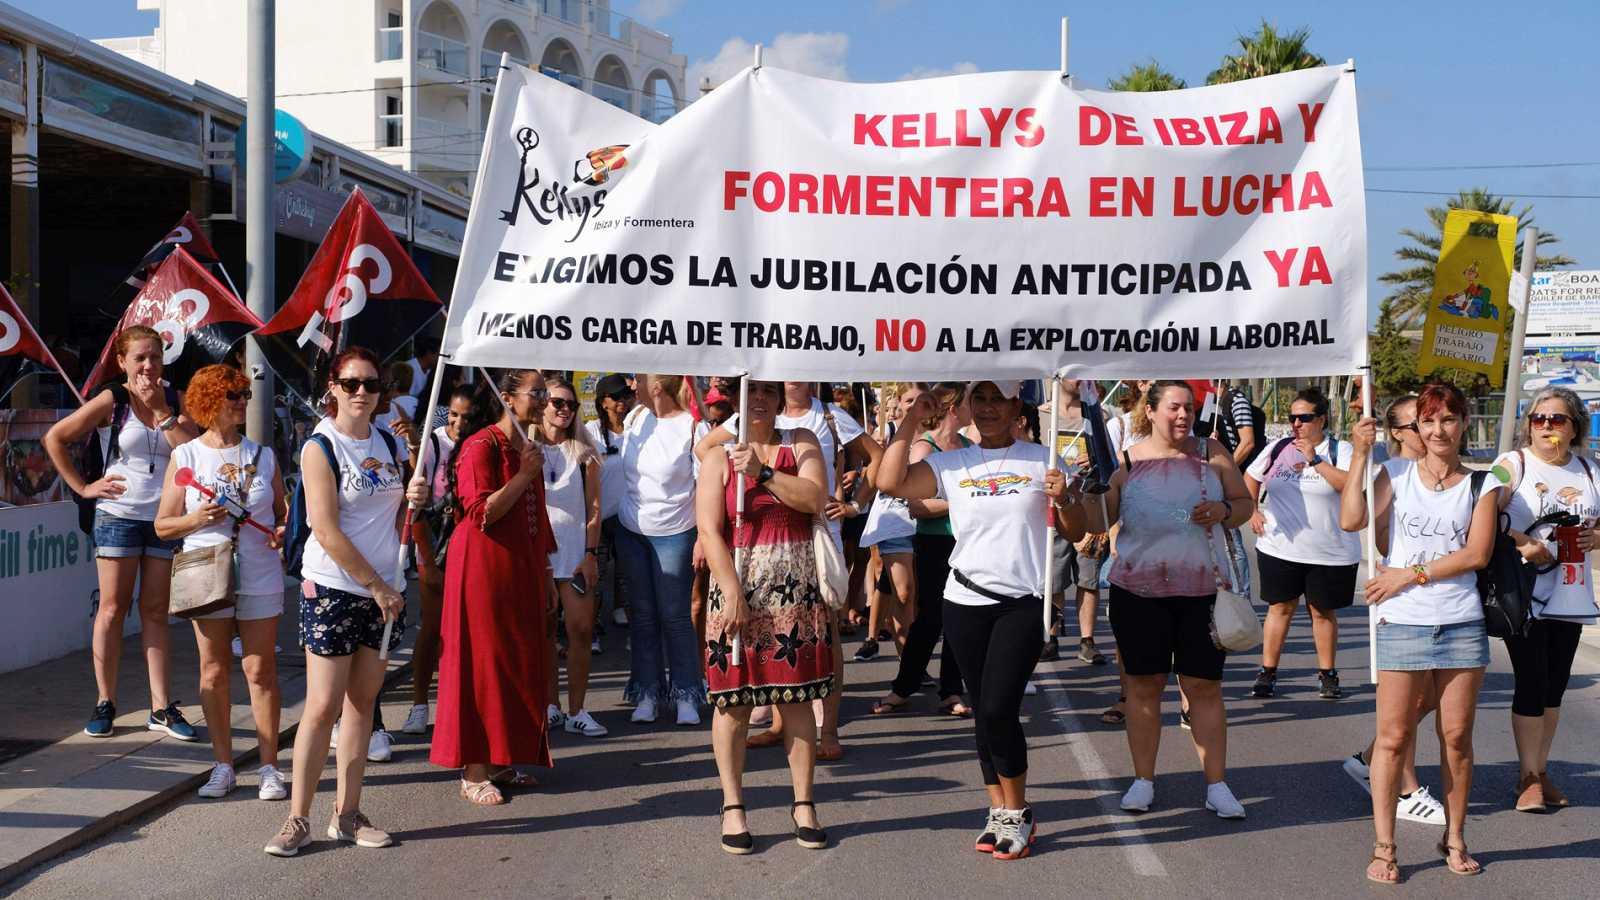 Resultado de imagen de Las camareras de piso, conocidas como 'kellys', de Ibiza y Formentera van a la huelga